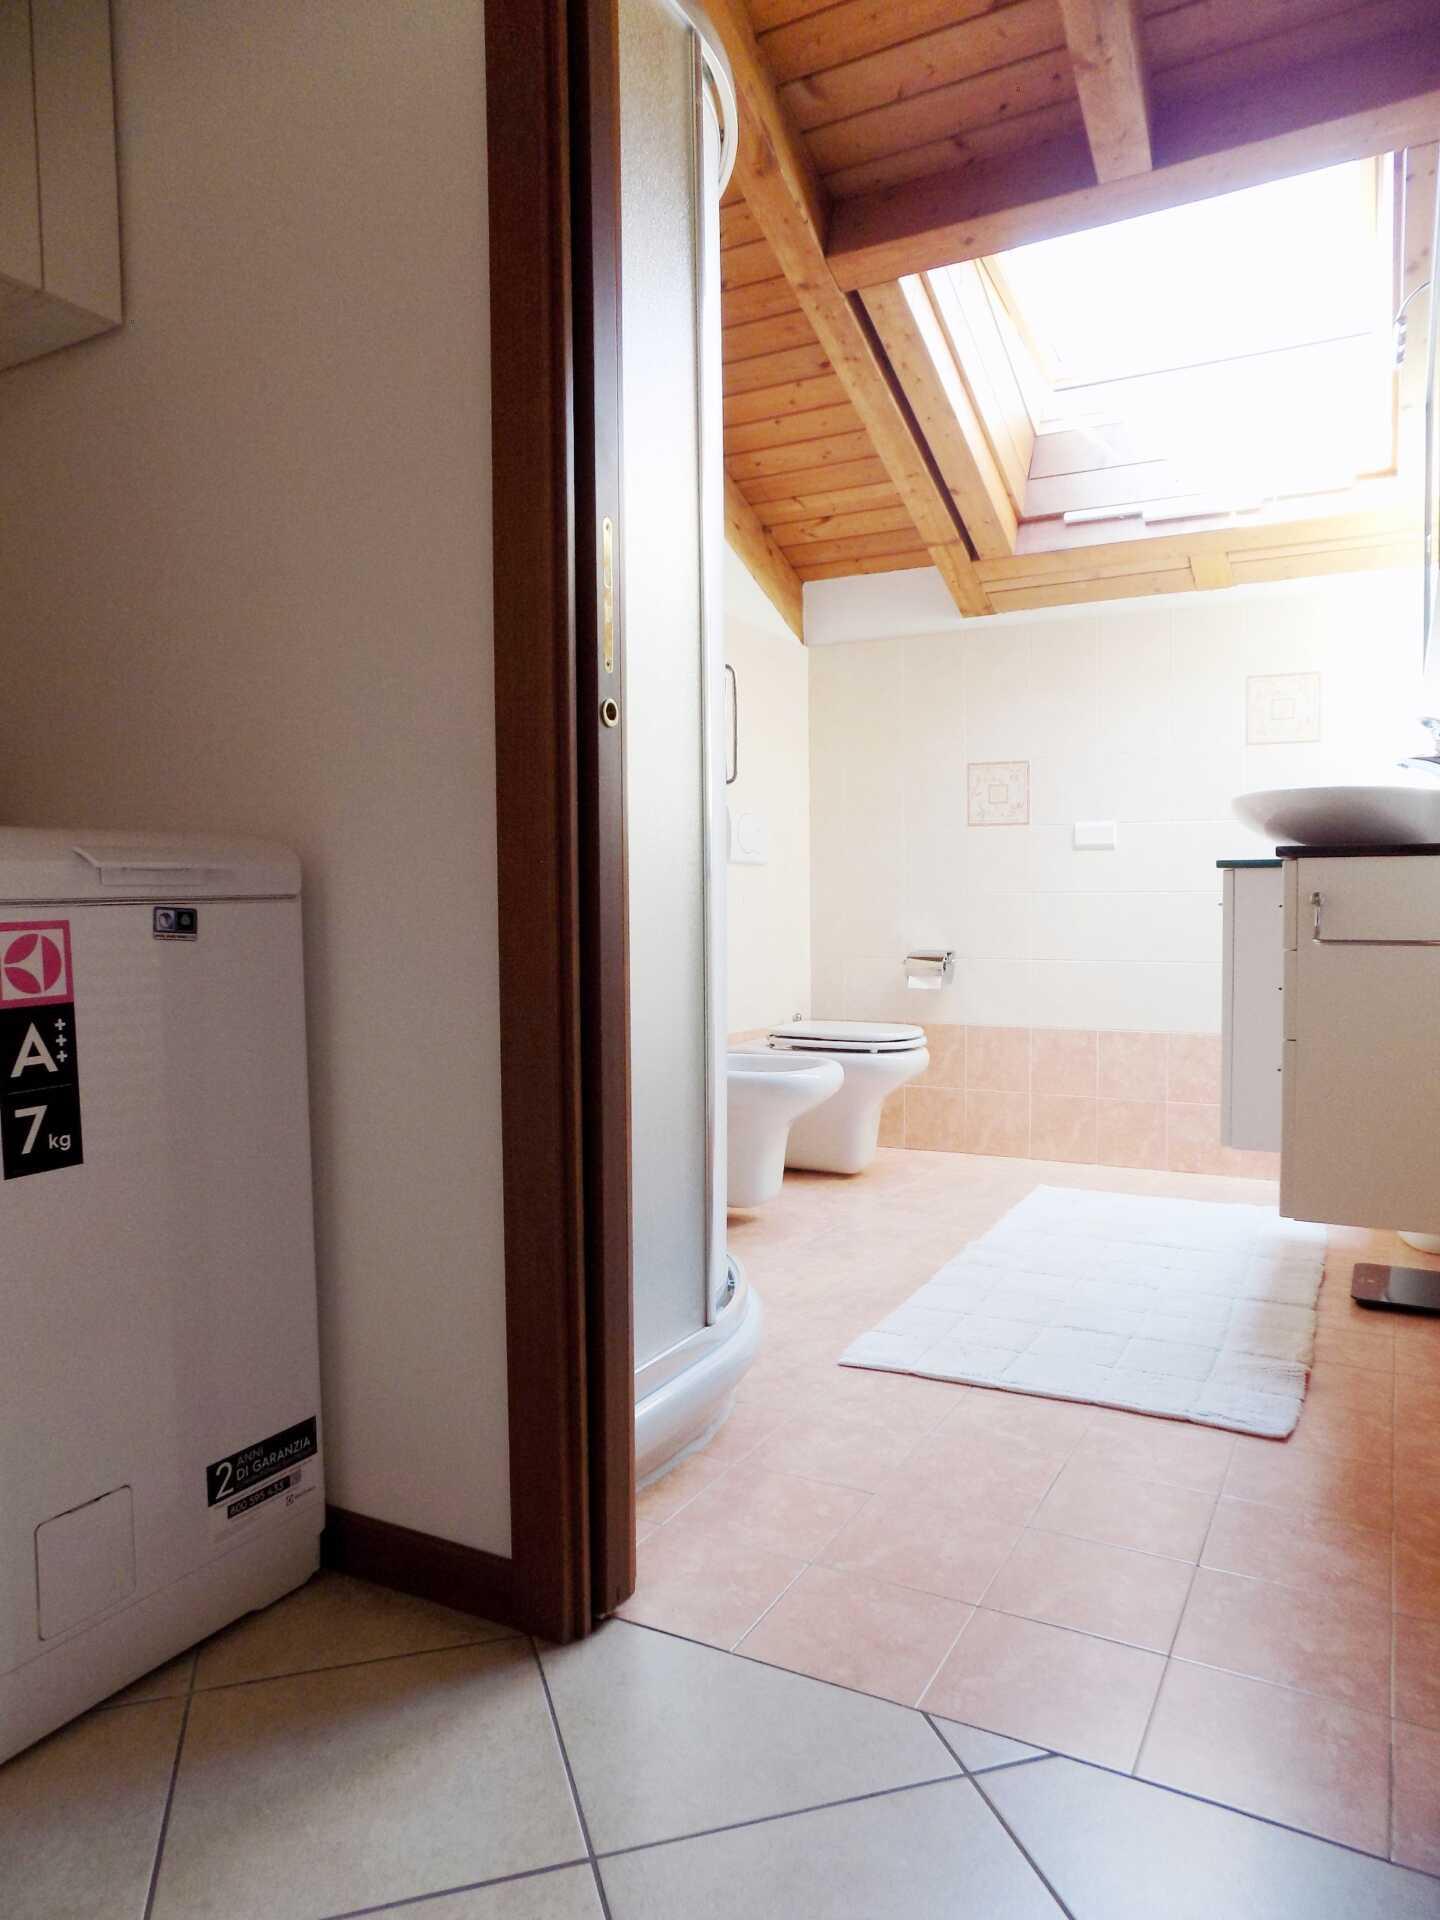 Appartamento ultimo piano in vendita a Calco (14)